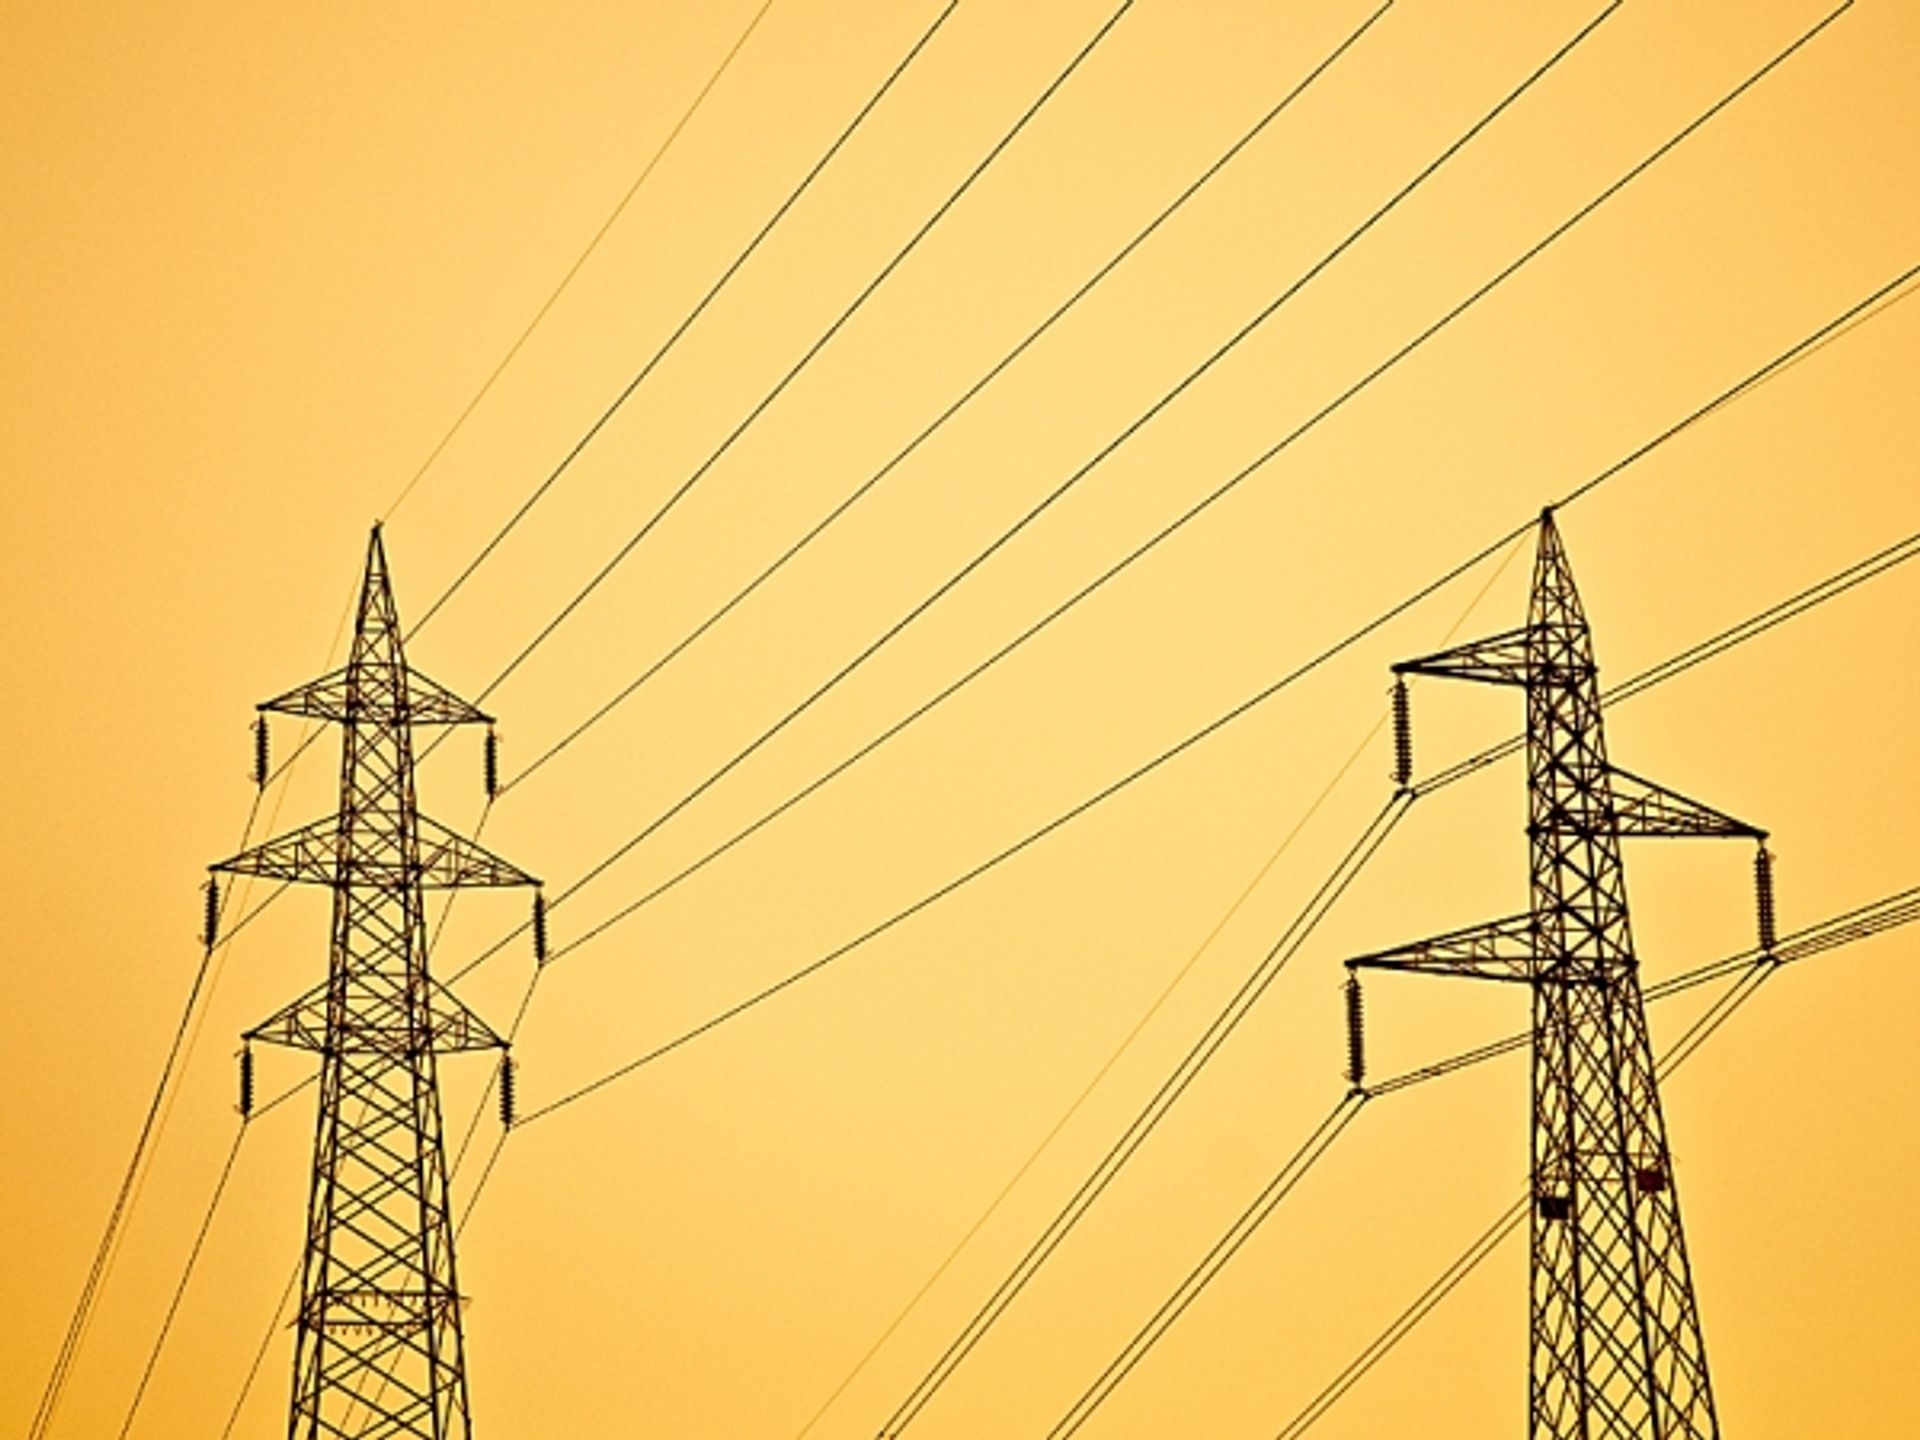 [mazowieckie] Kolejny projekt z sektora energetyki z zatwierdzonym dofinansowaniem unijnym